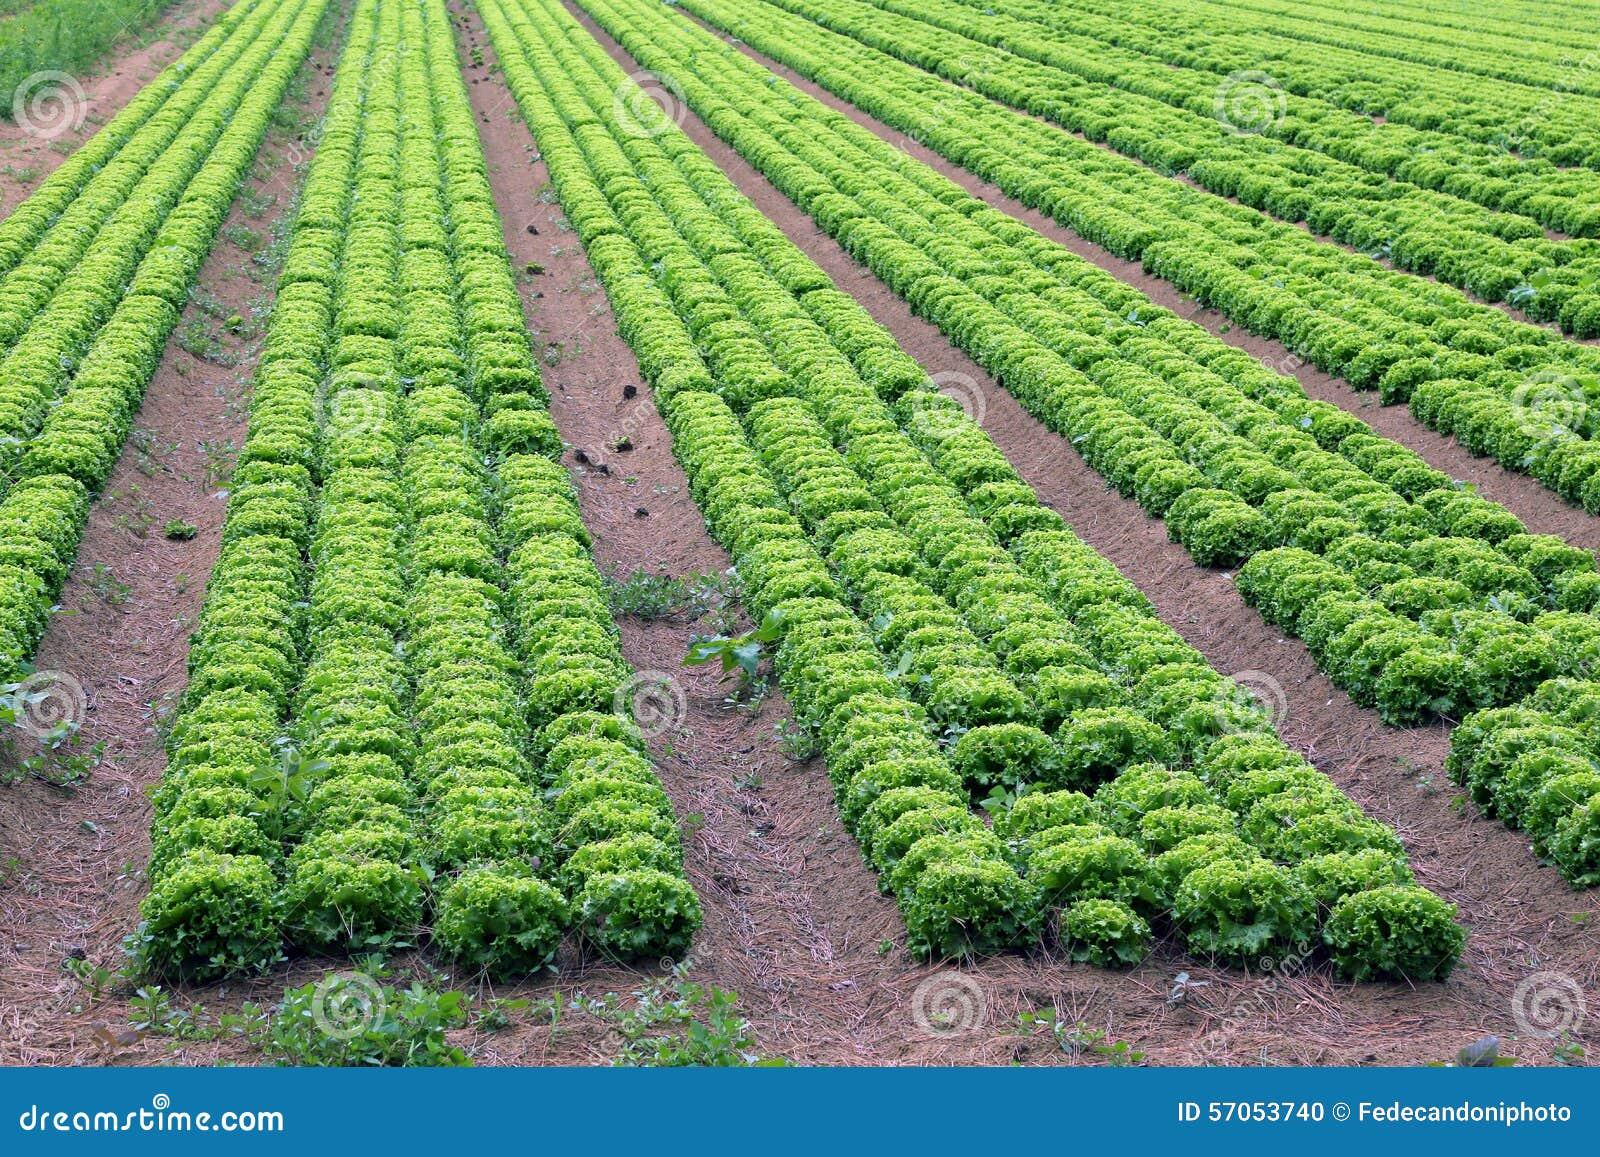 Groot gebied van groene sla in de vlaktes in de zomer